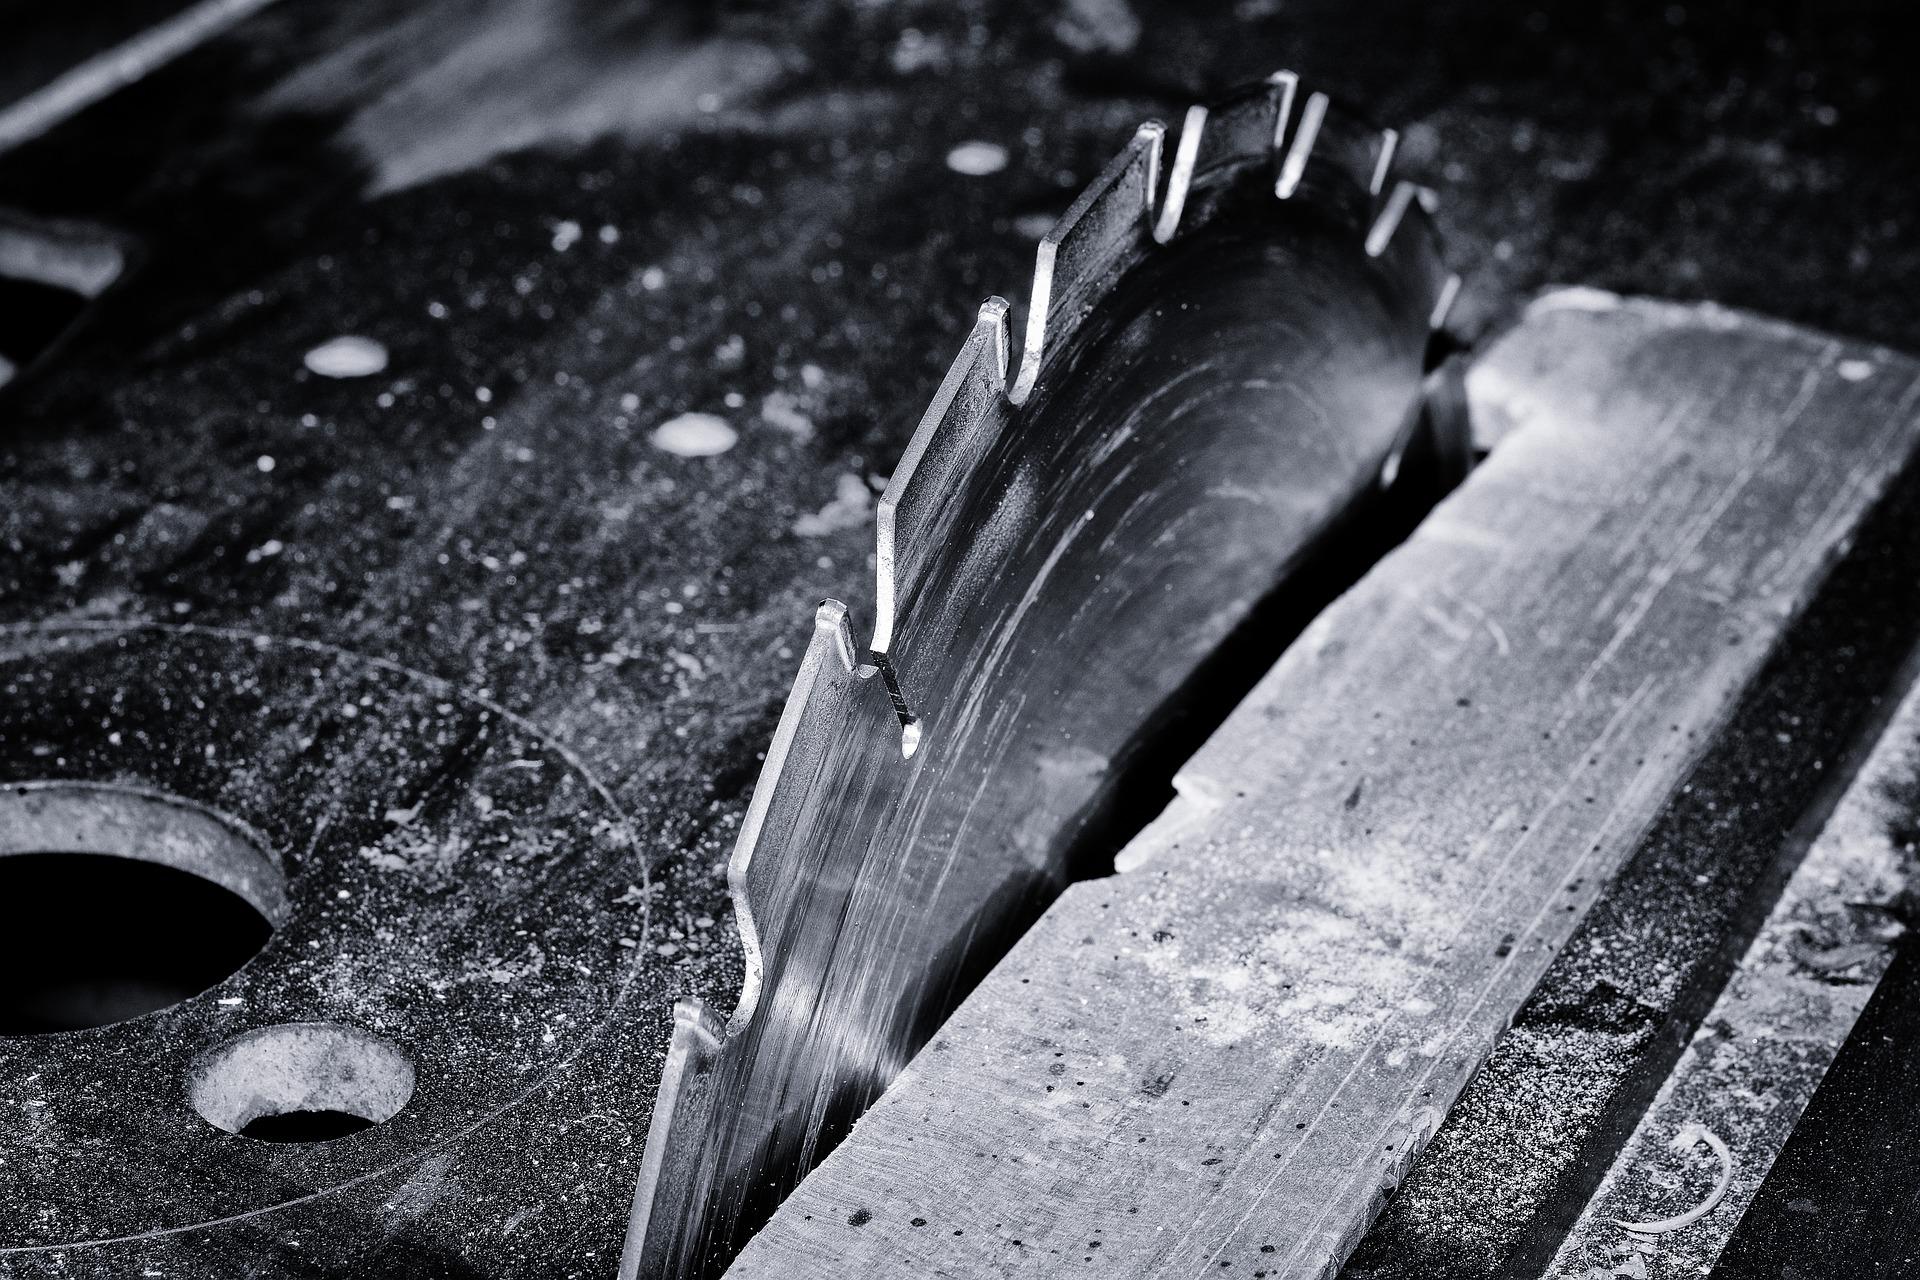 Saw, Cut, Cutter, Cutting, Metal, HQ Photo